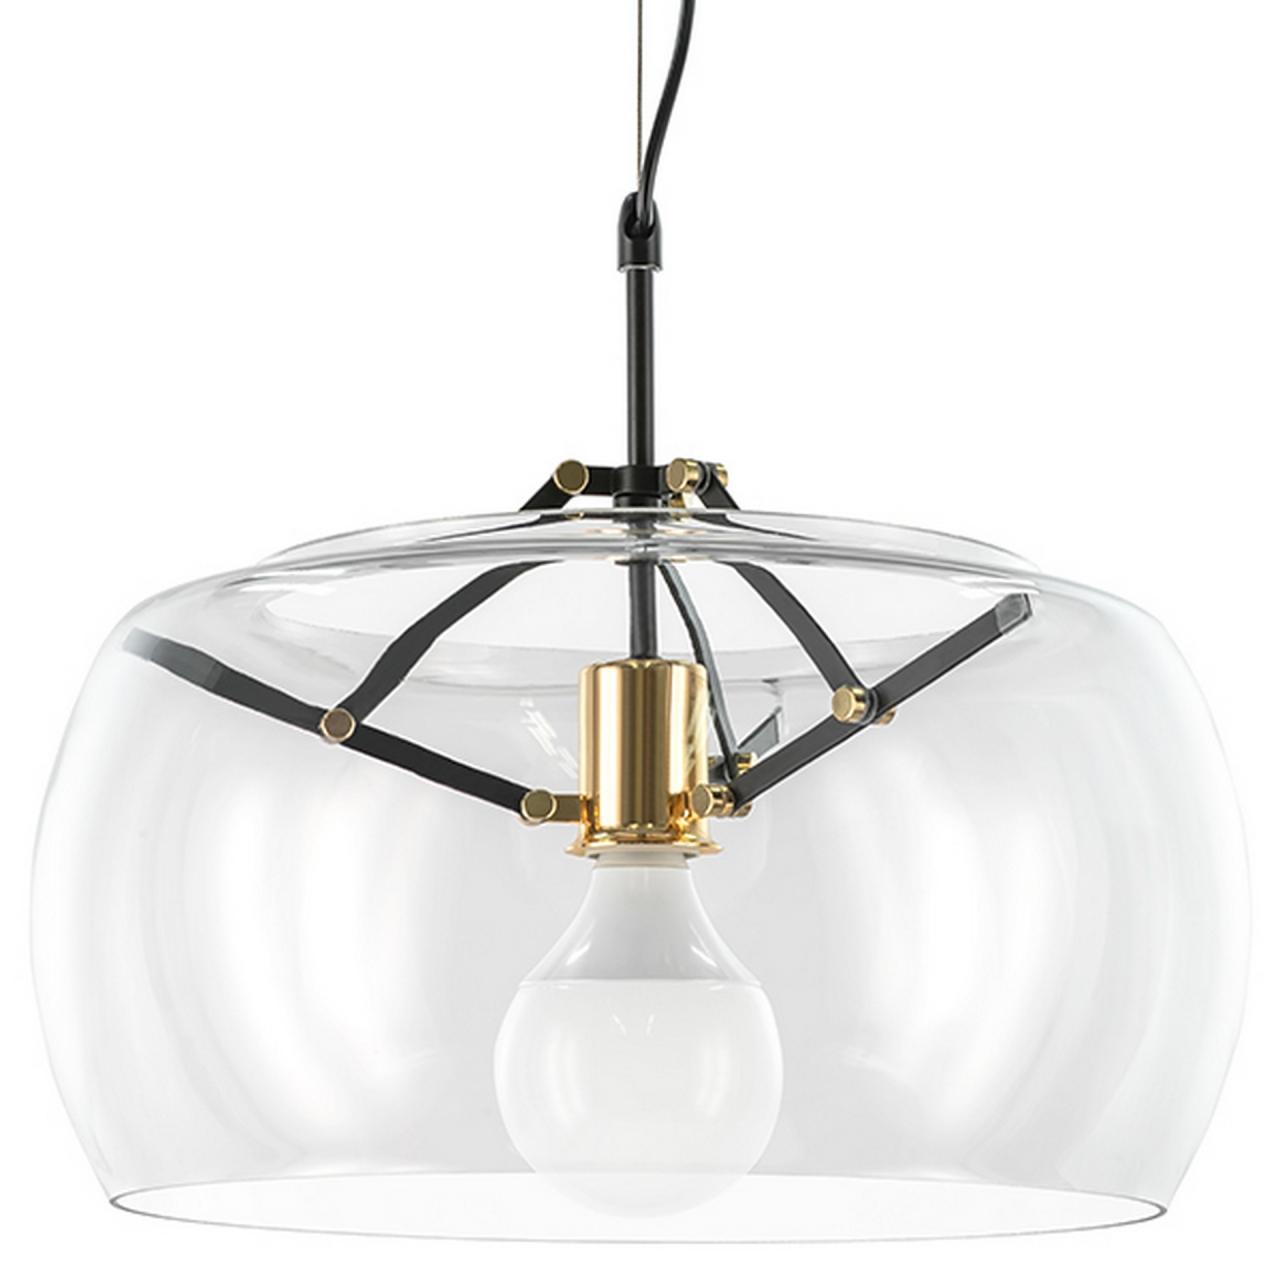 Люстра подвесная Acquario 1Х40W E27 черный матов/золото стекло Lightstar 752010